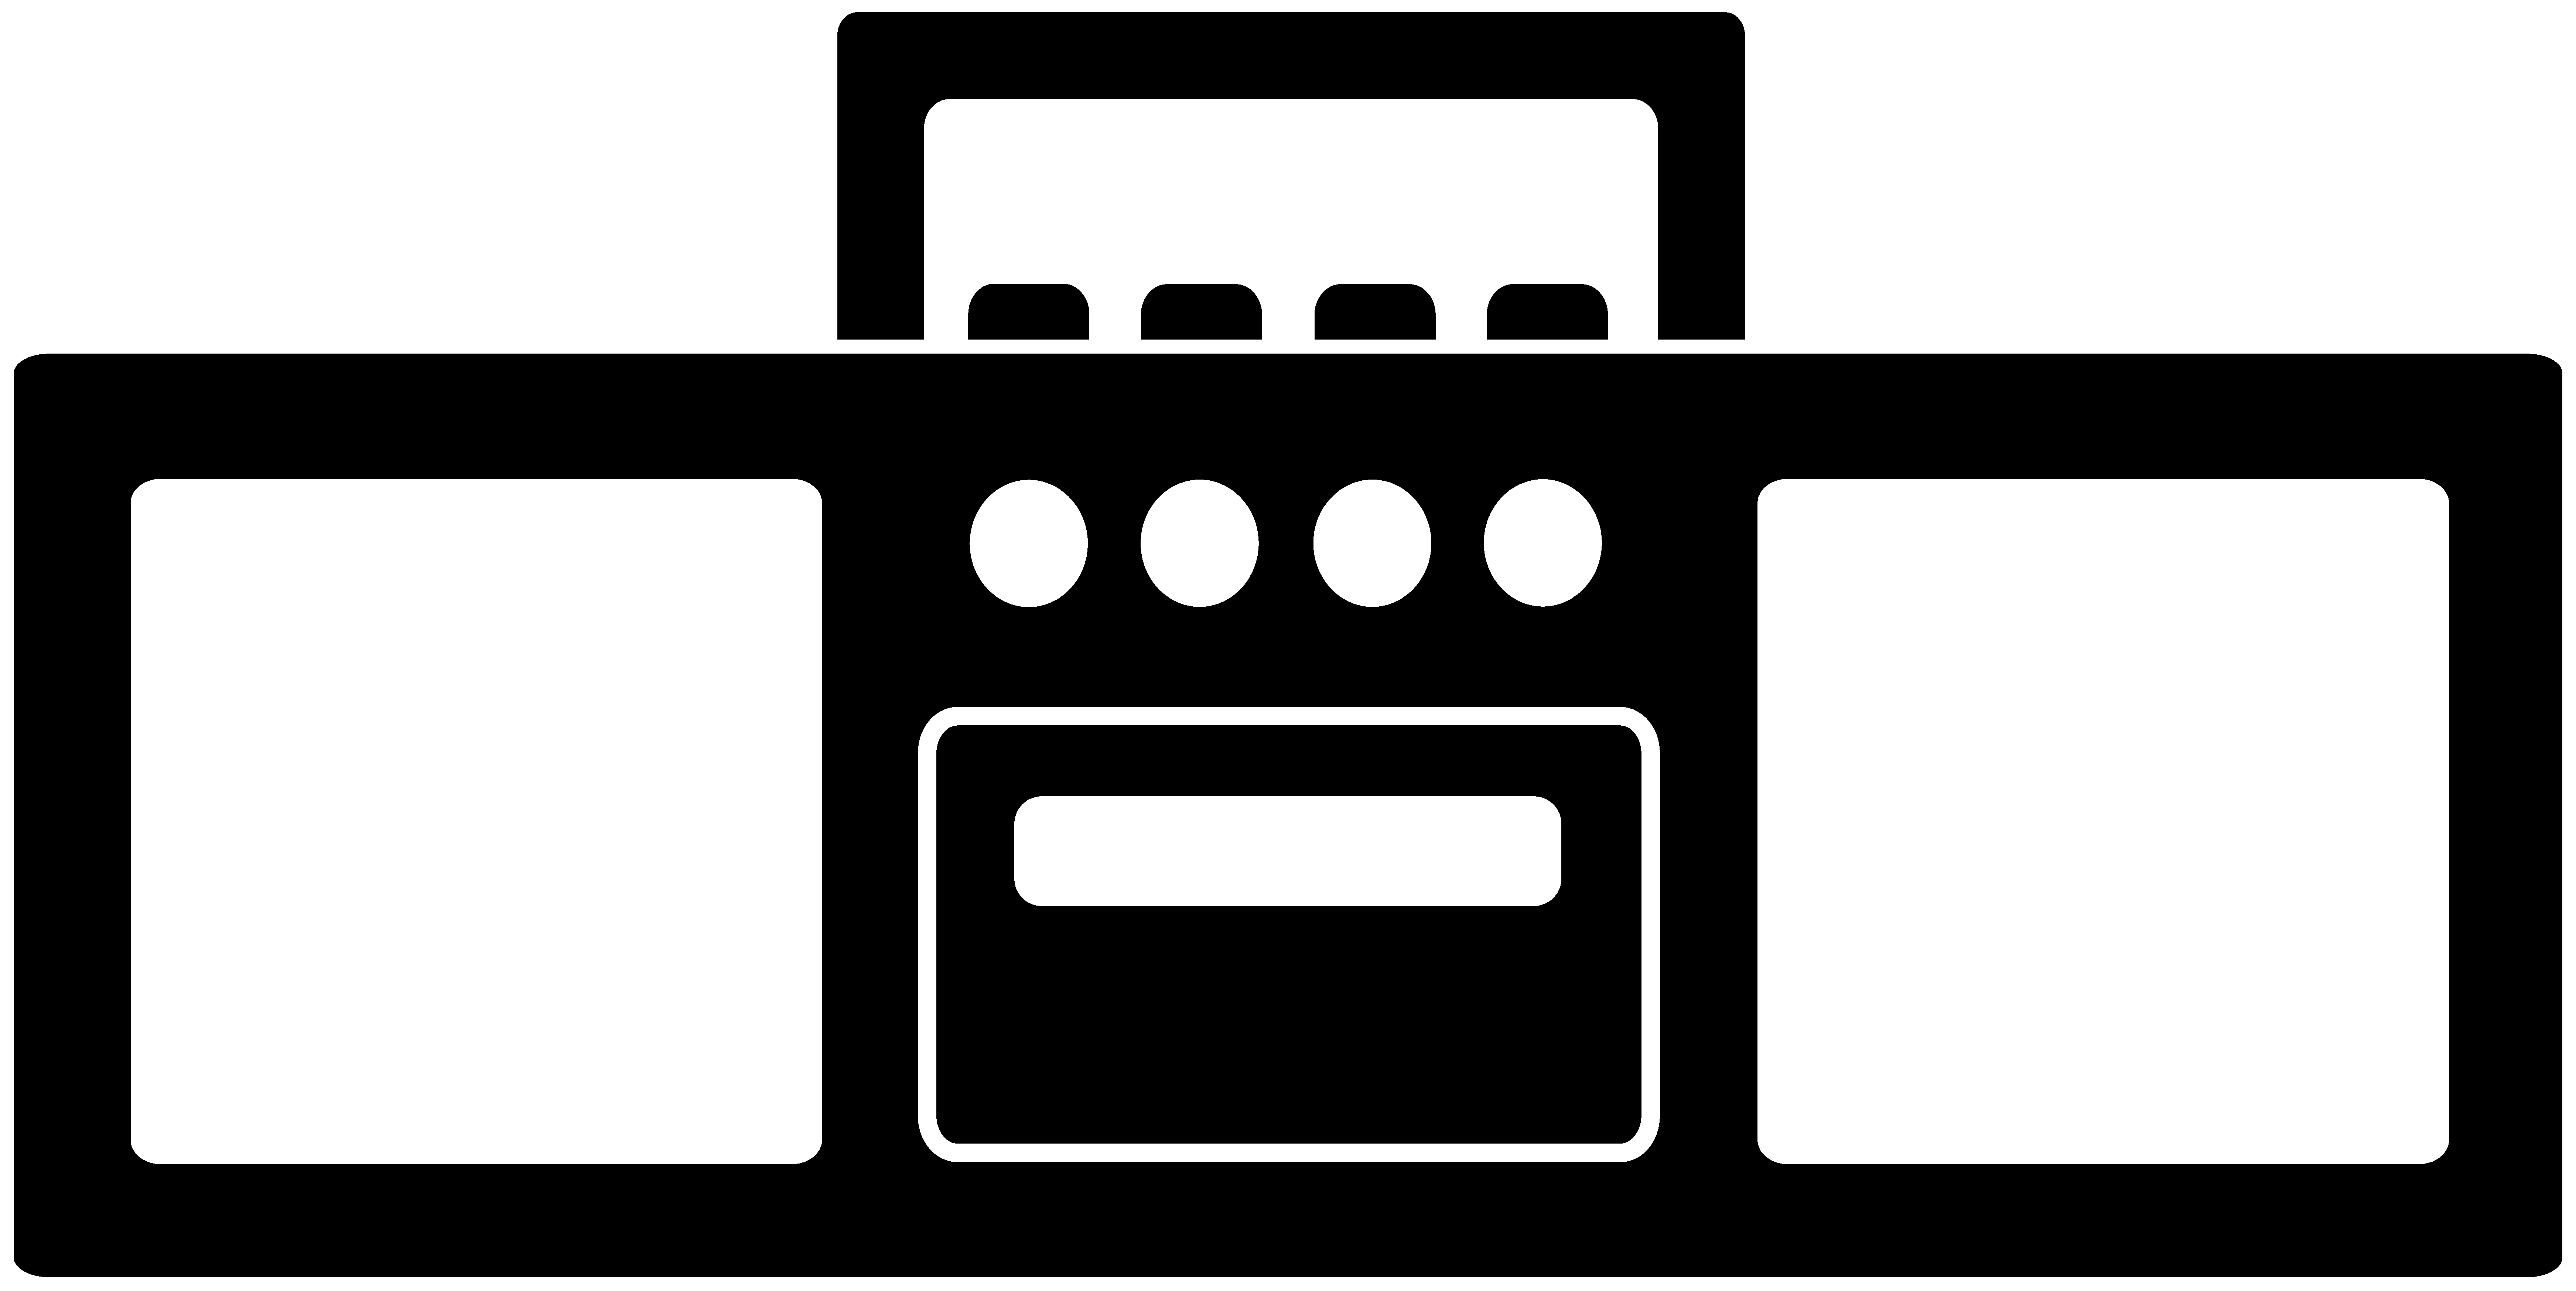 Antique radio Boombox Clip art.